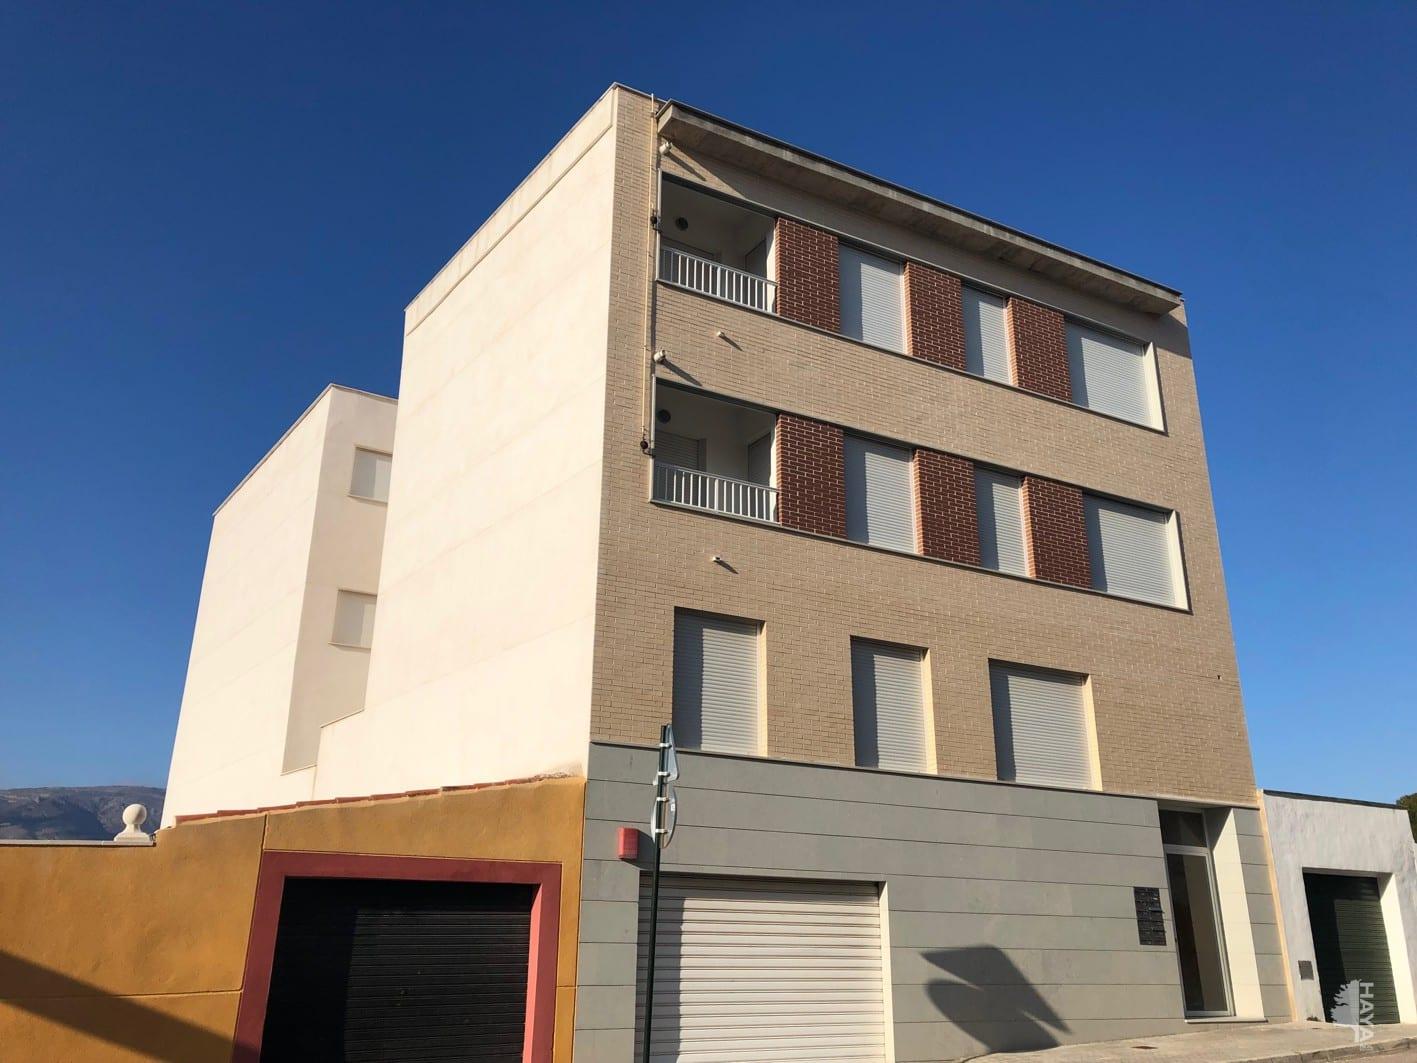 Piso en venta en Viaducte, Alcoy/alcoi, Alicante, Calle Sant Joan de Ribera, 75.000 €, 2 habitaciones, 1 baño, 66 m2